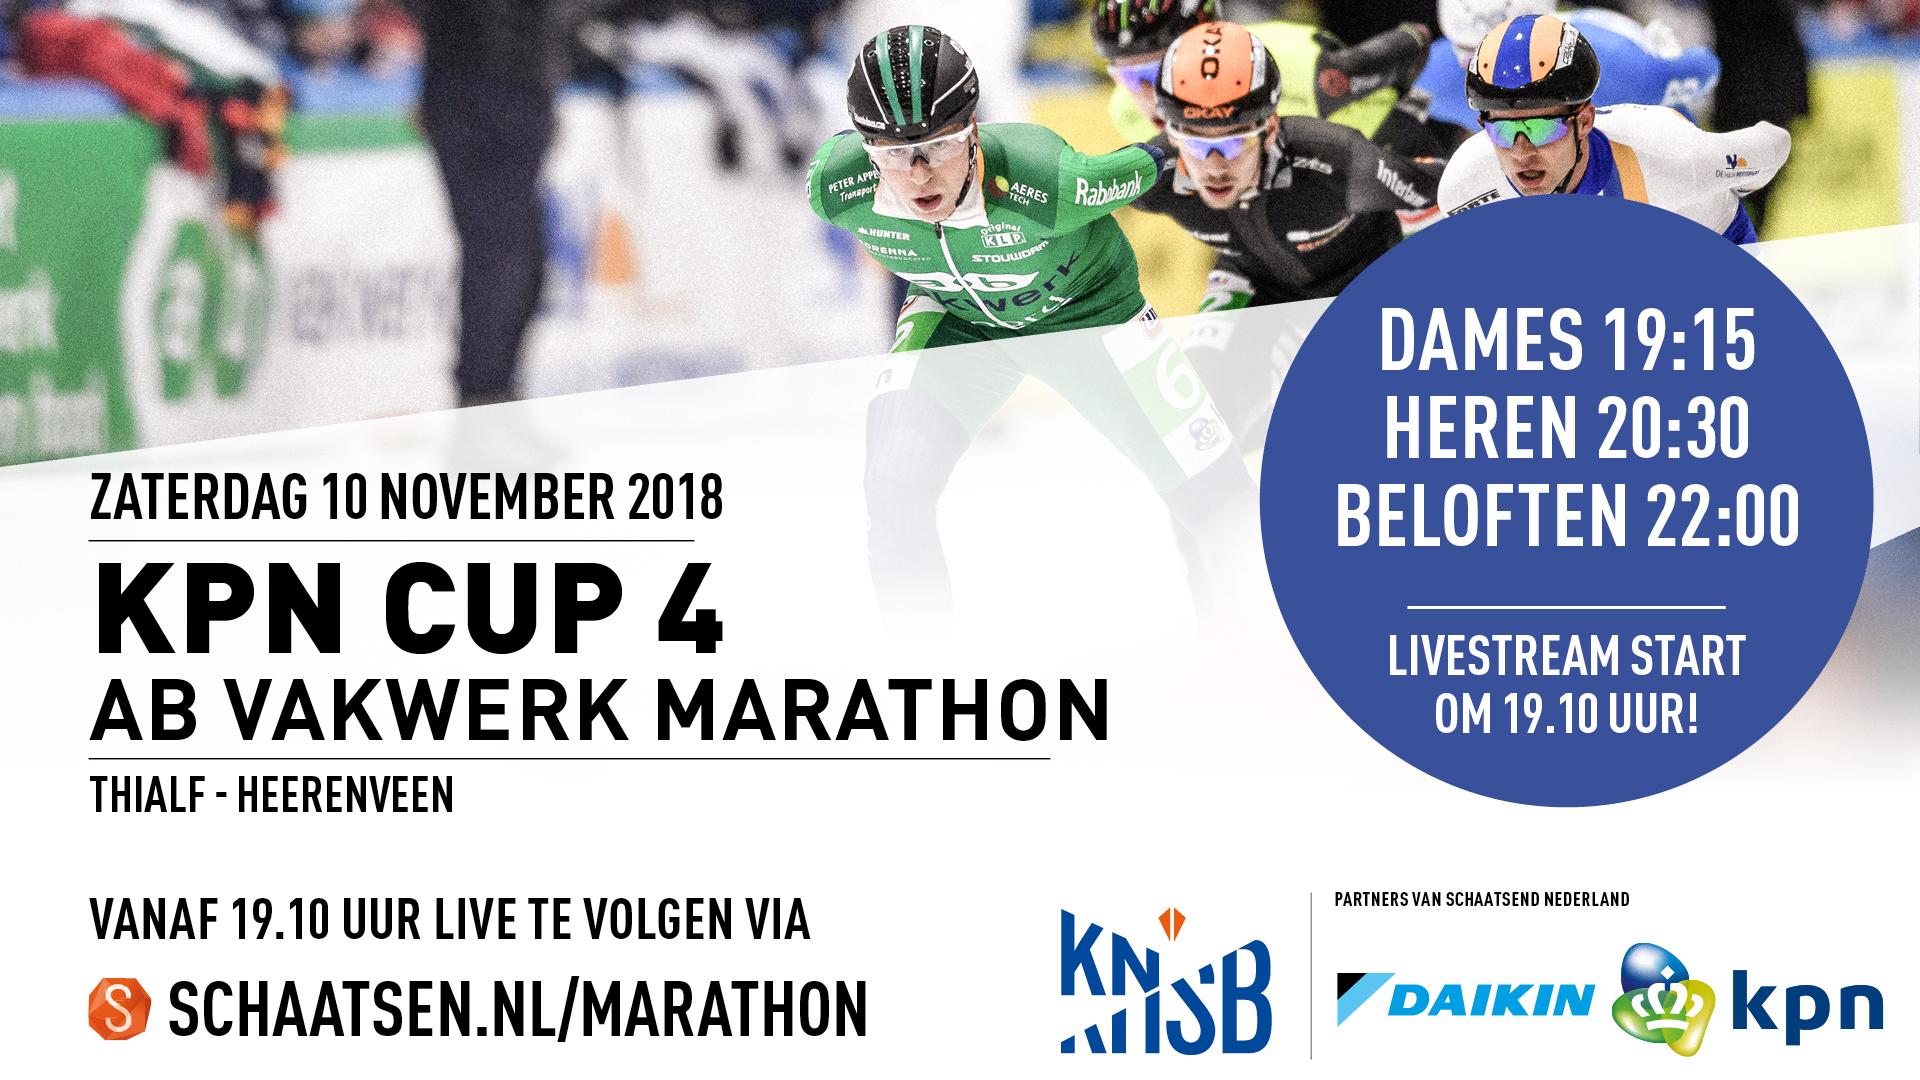 kpn ab vakwerk marathon cup 4 heerenveen